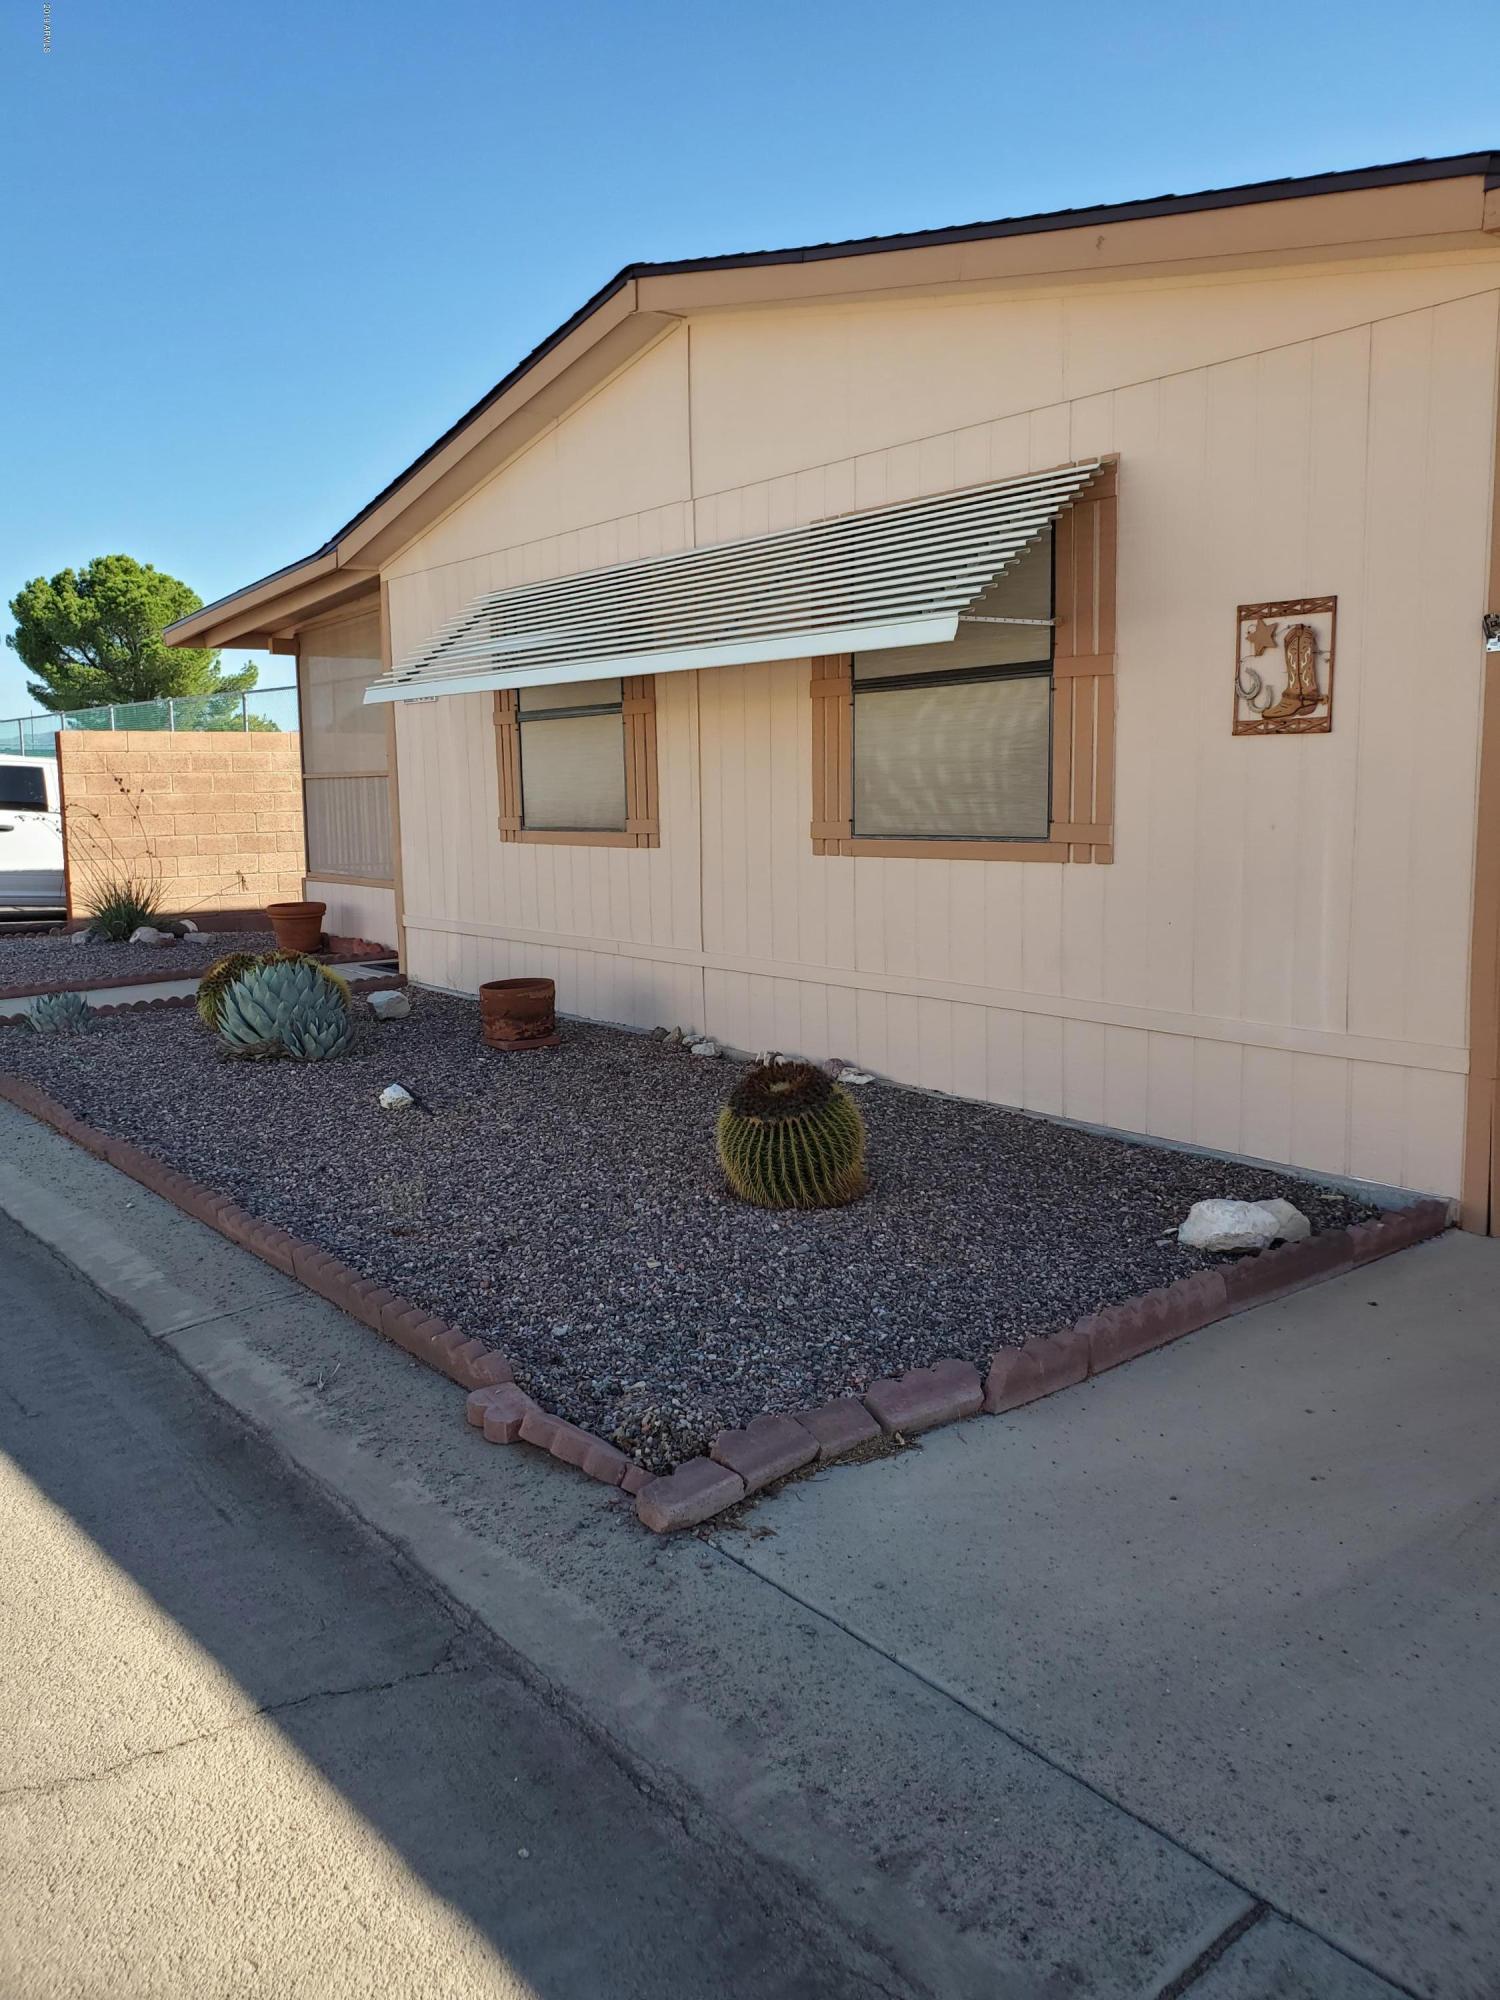 Photo of 2501 W Wickenburg Way 162 --, Wickenburg, AZ 85390